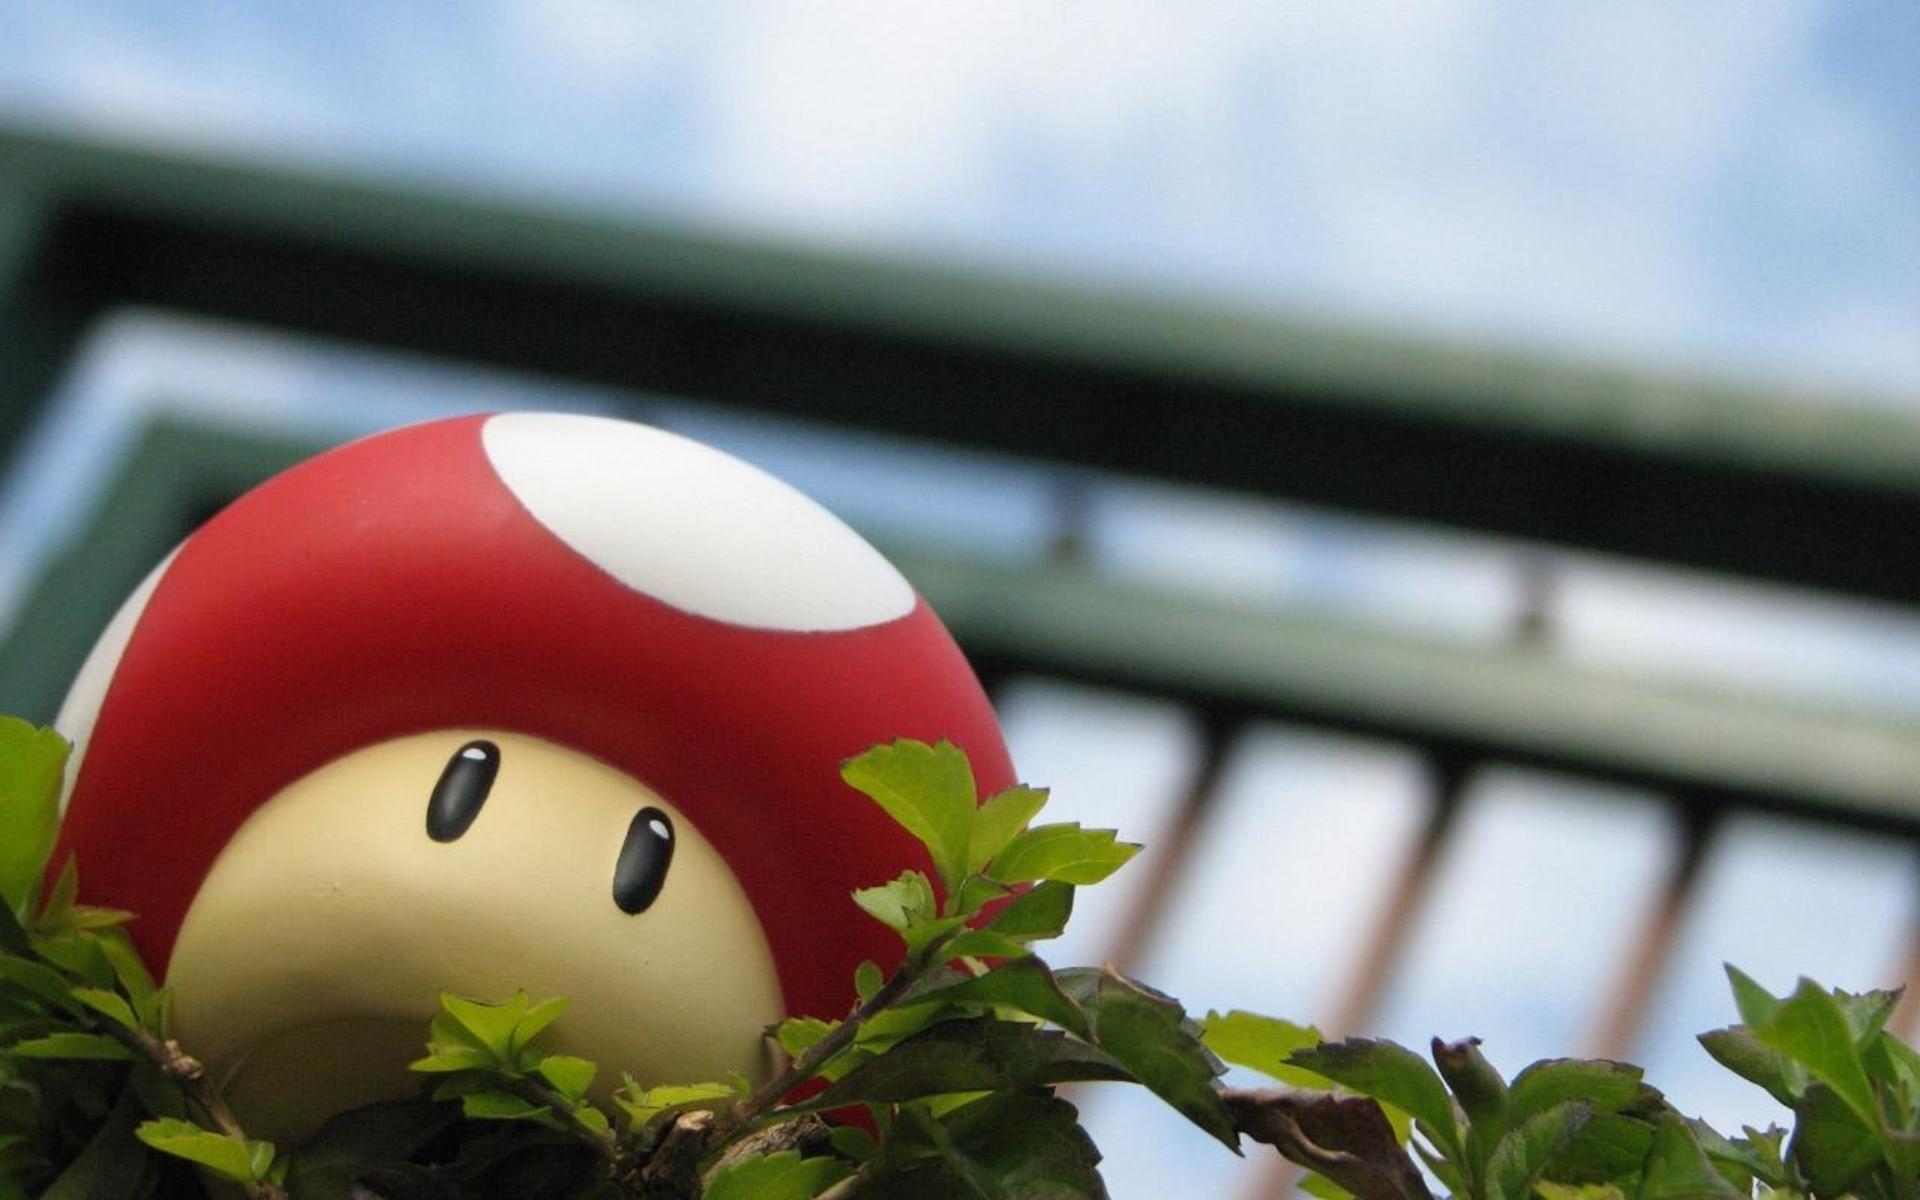 Res: 1920x1200, Mario mushroom wallpaper 290162